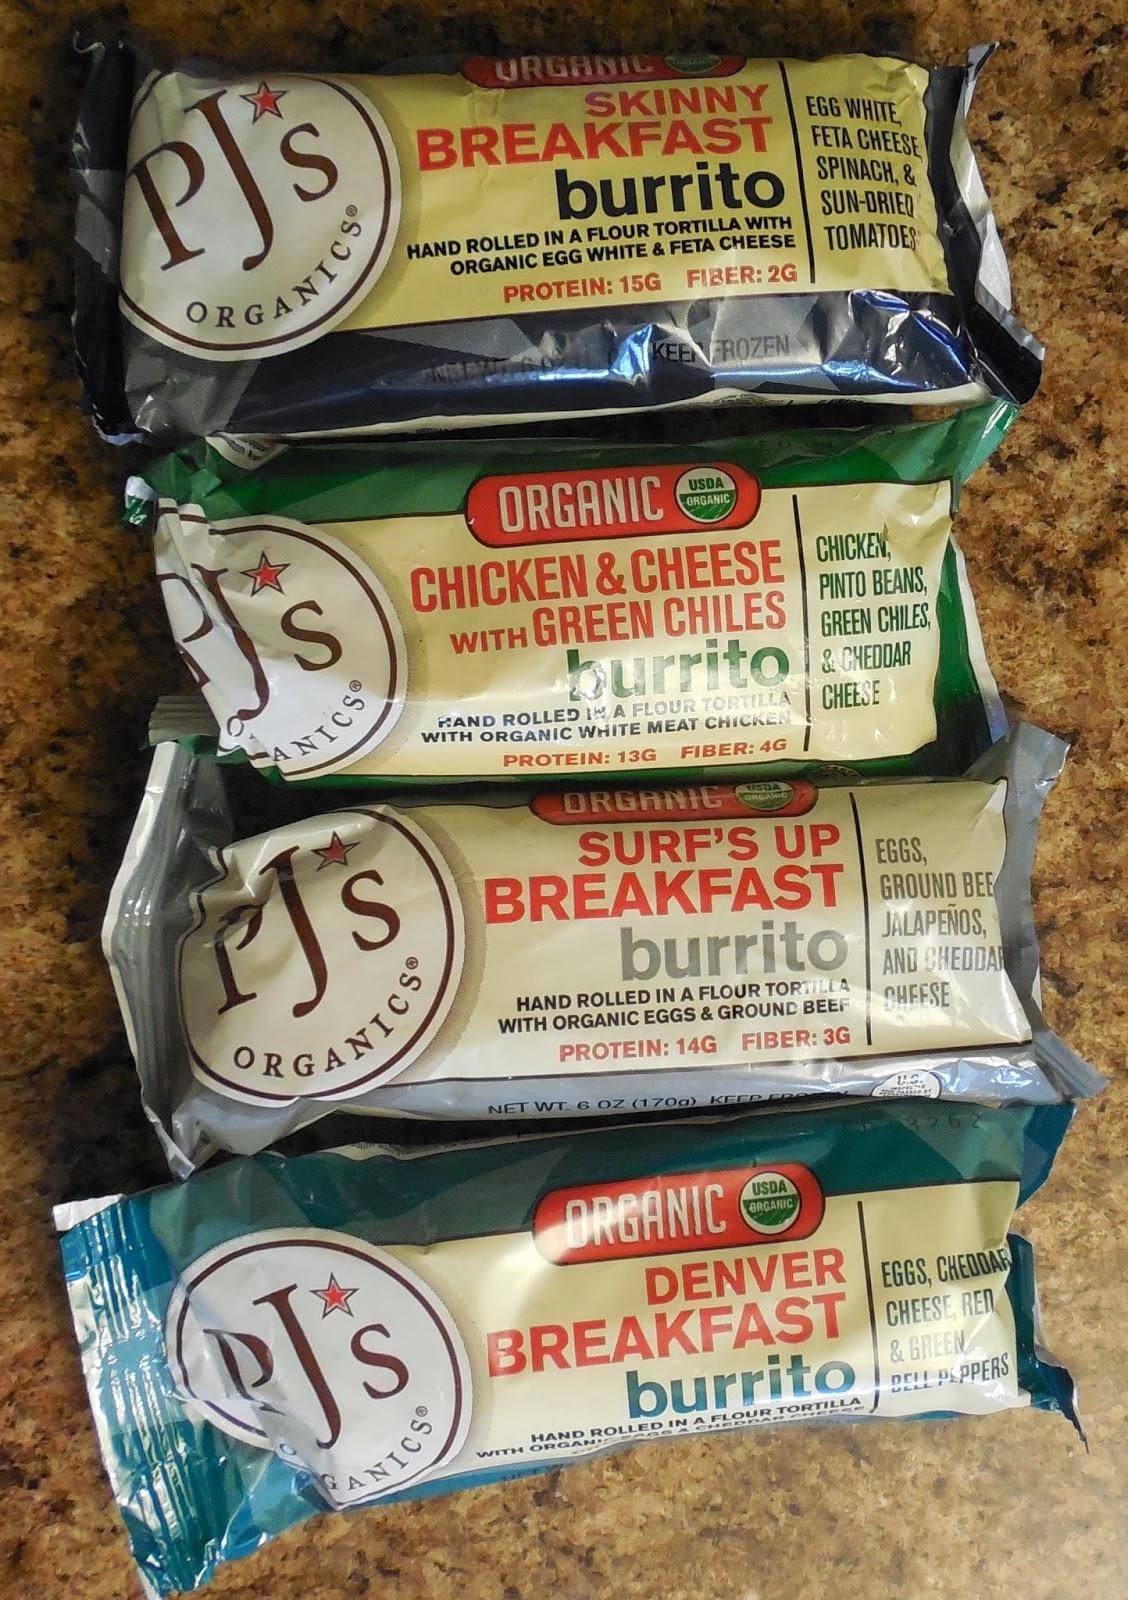 PJ's Organic Burritos